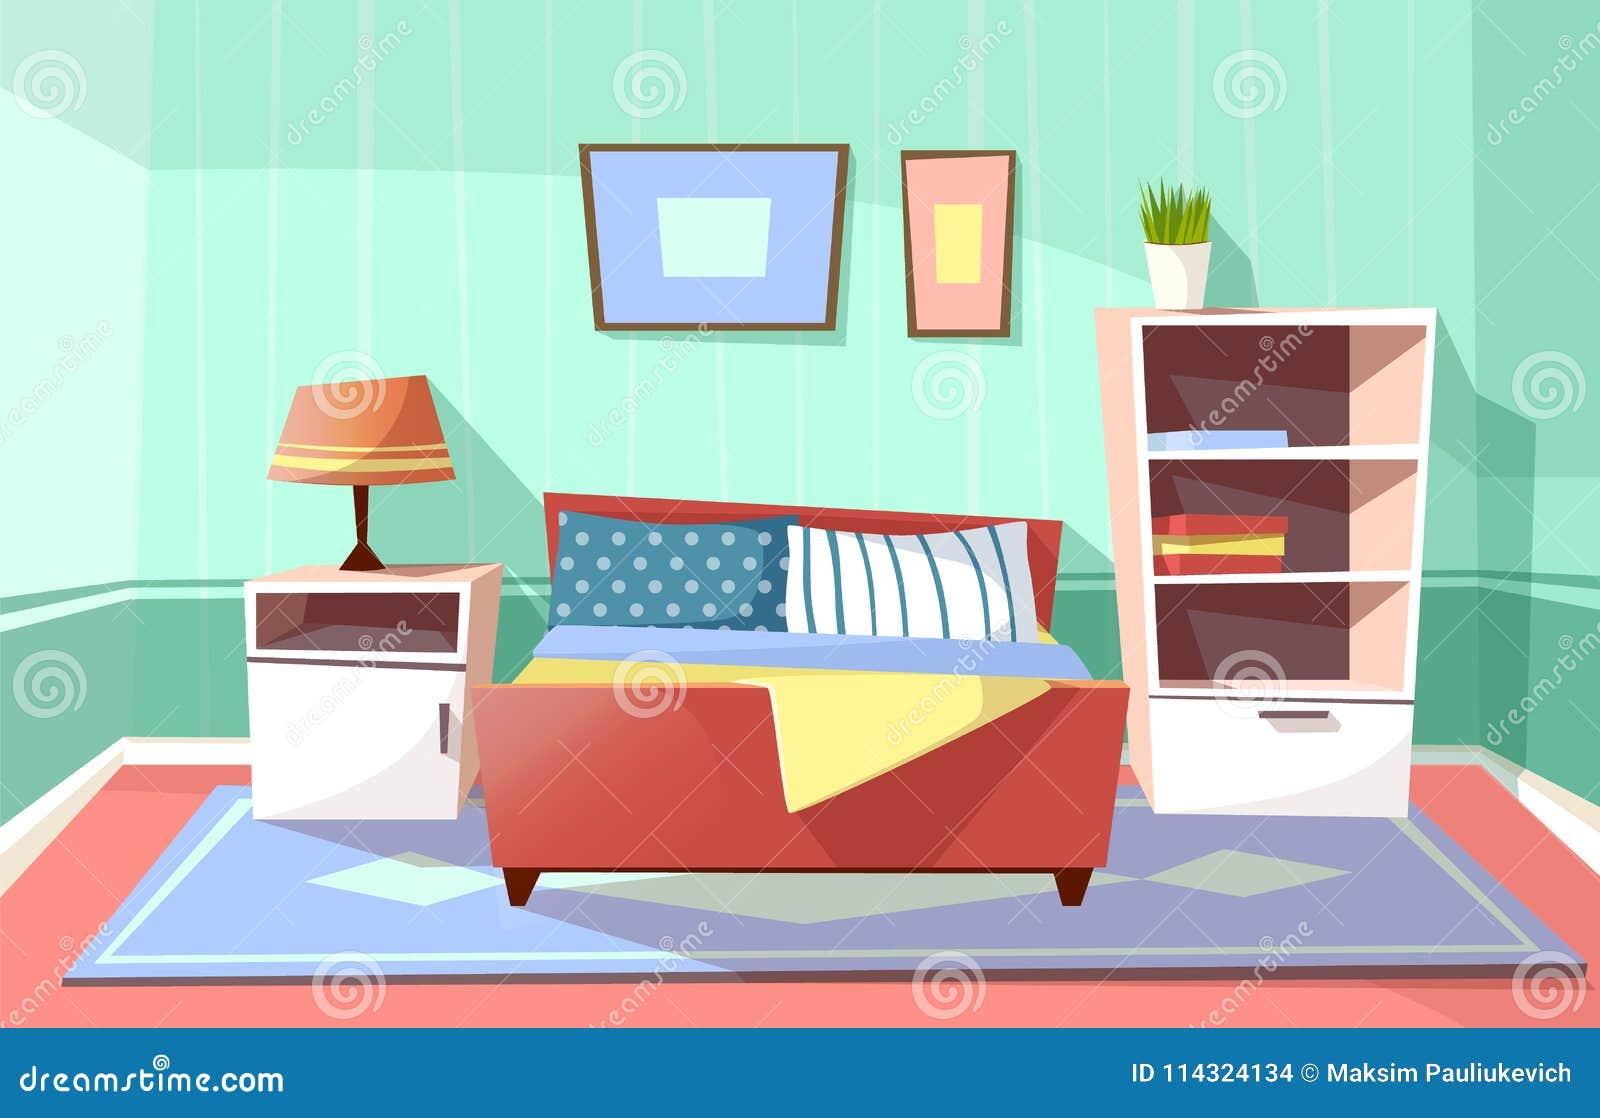 Download Vector Cartoon Bedroom Interior Background Stock